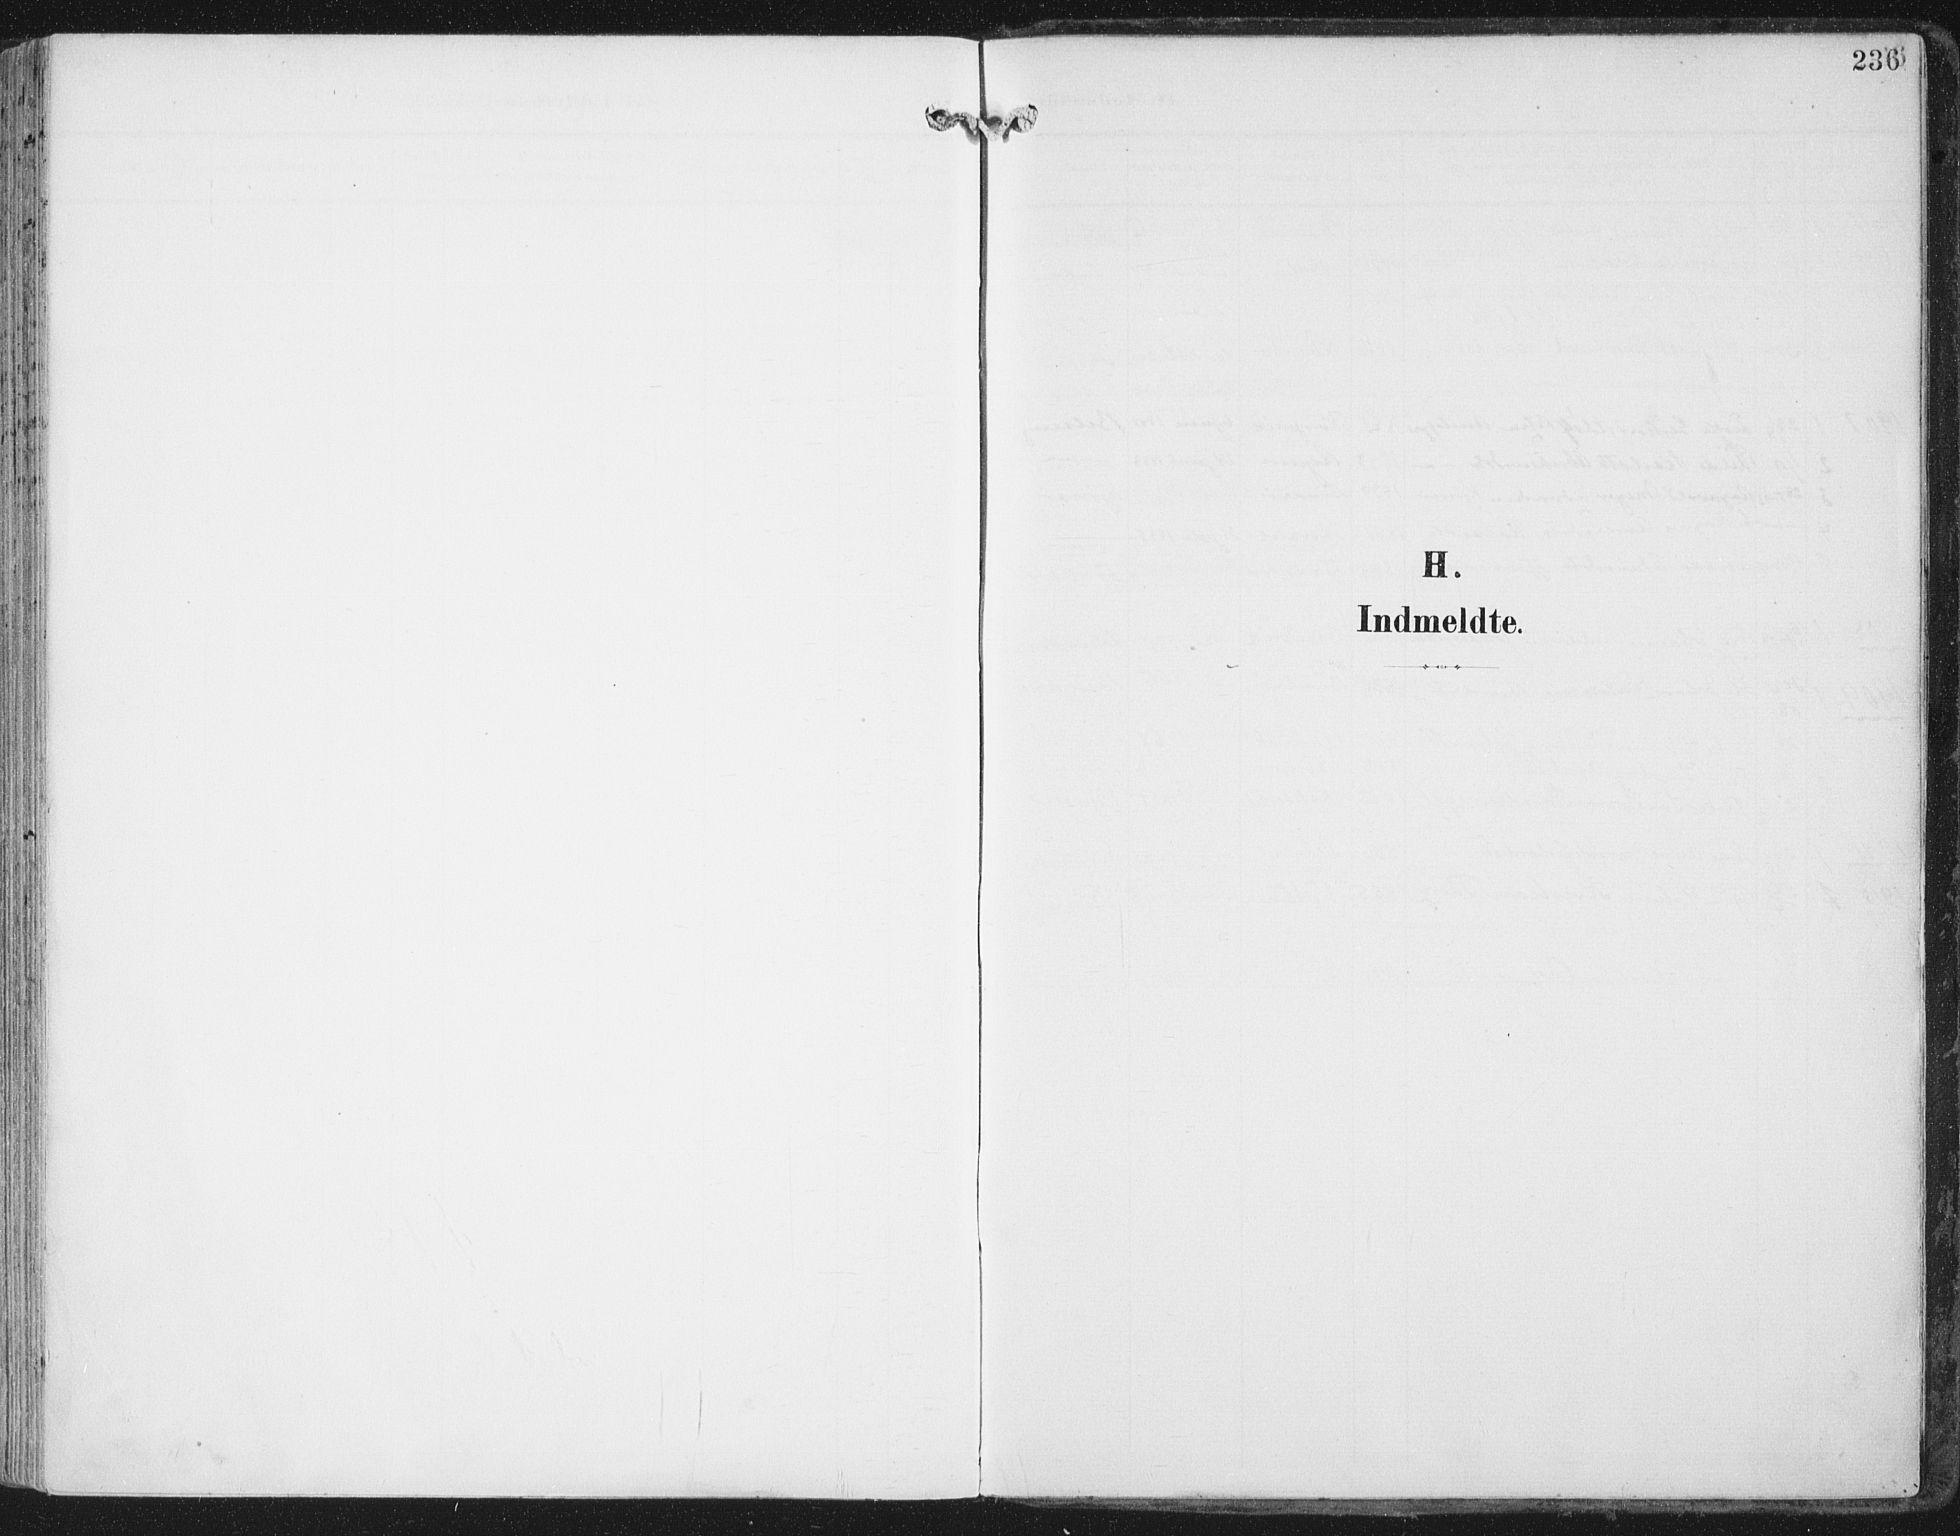 SAT, Ministerialprotokoller, klokkerbøker og fødselsregistre - Nord-Trøndelag, 786/L0688: Ministerialbok nr. 786A04, 1899-1912, s. 236